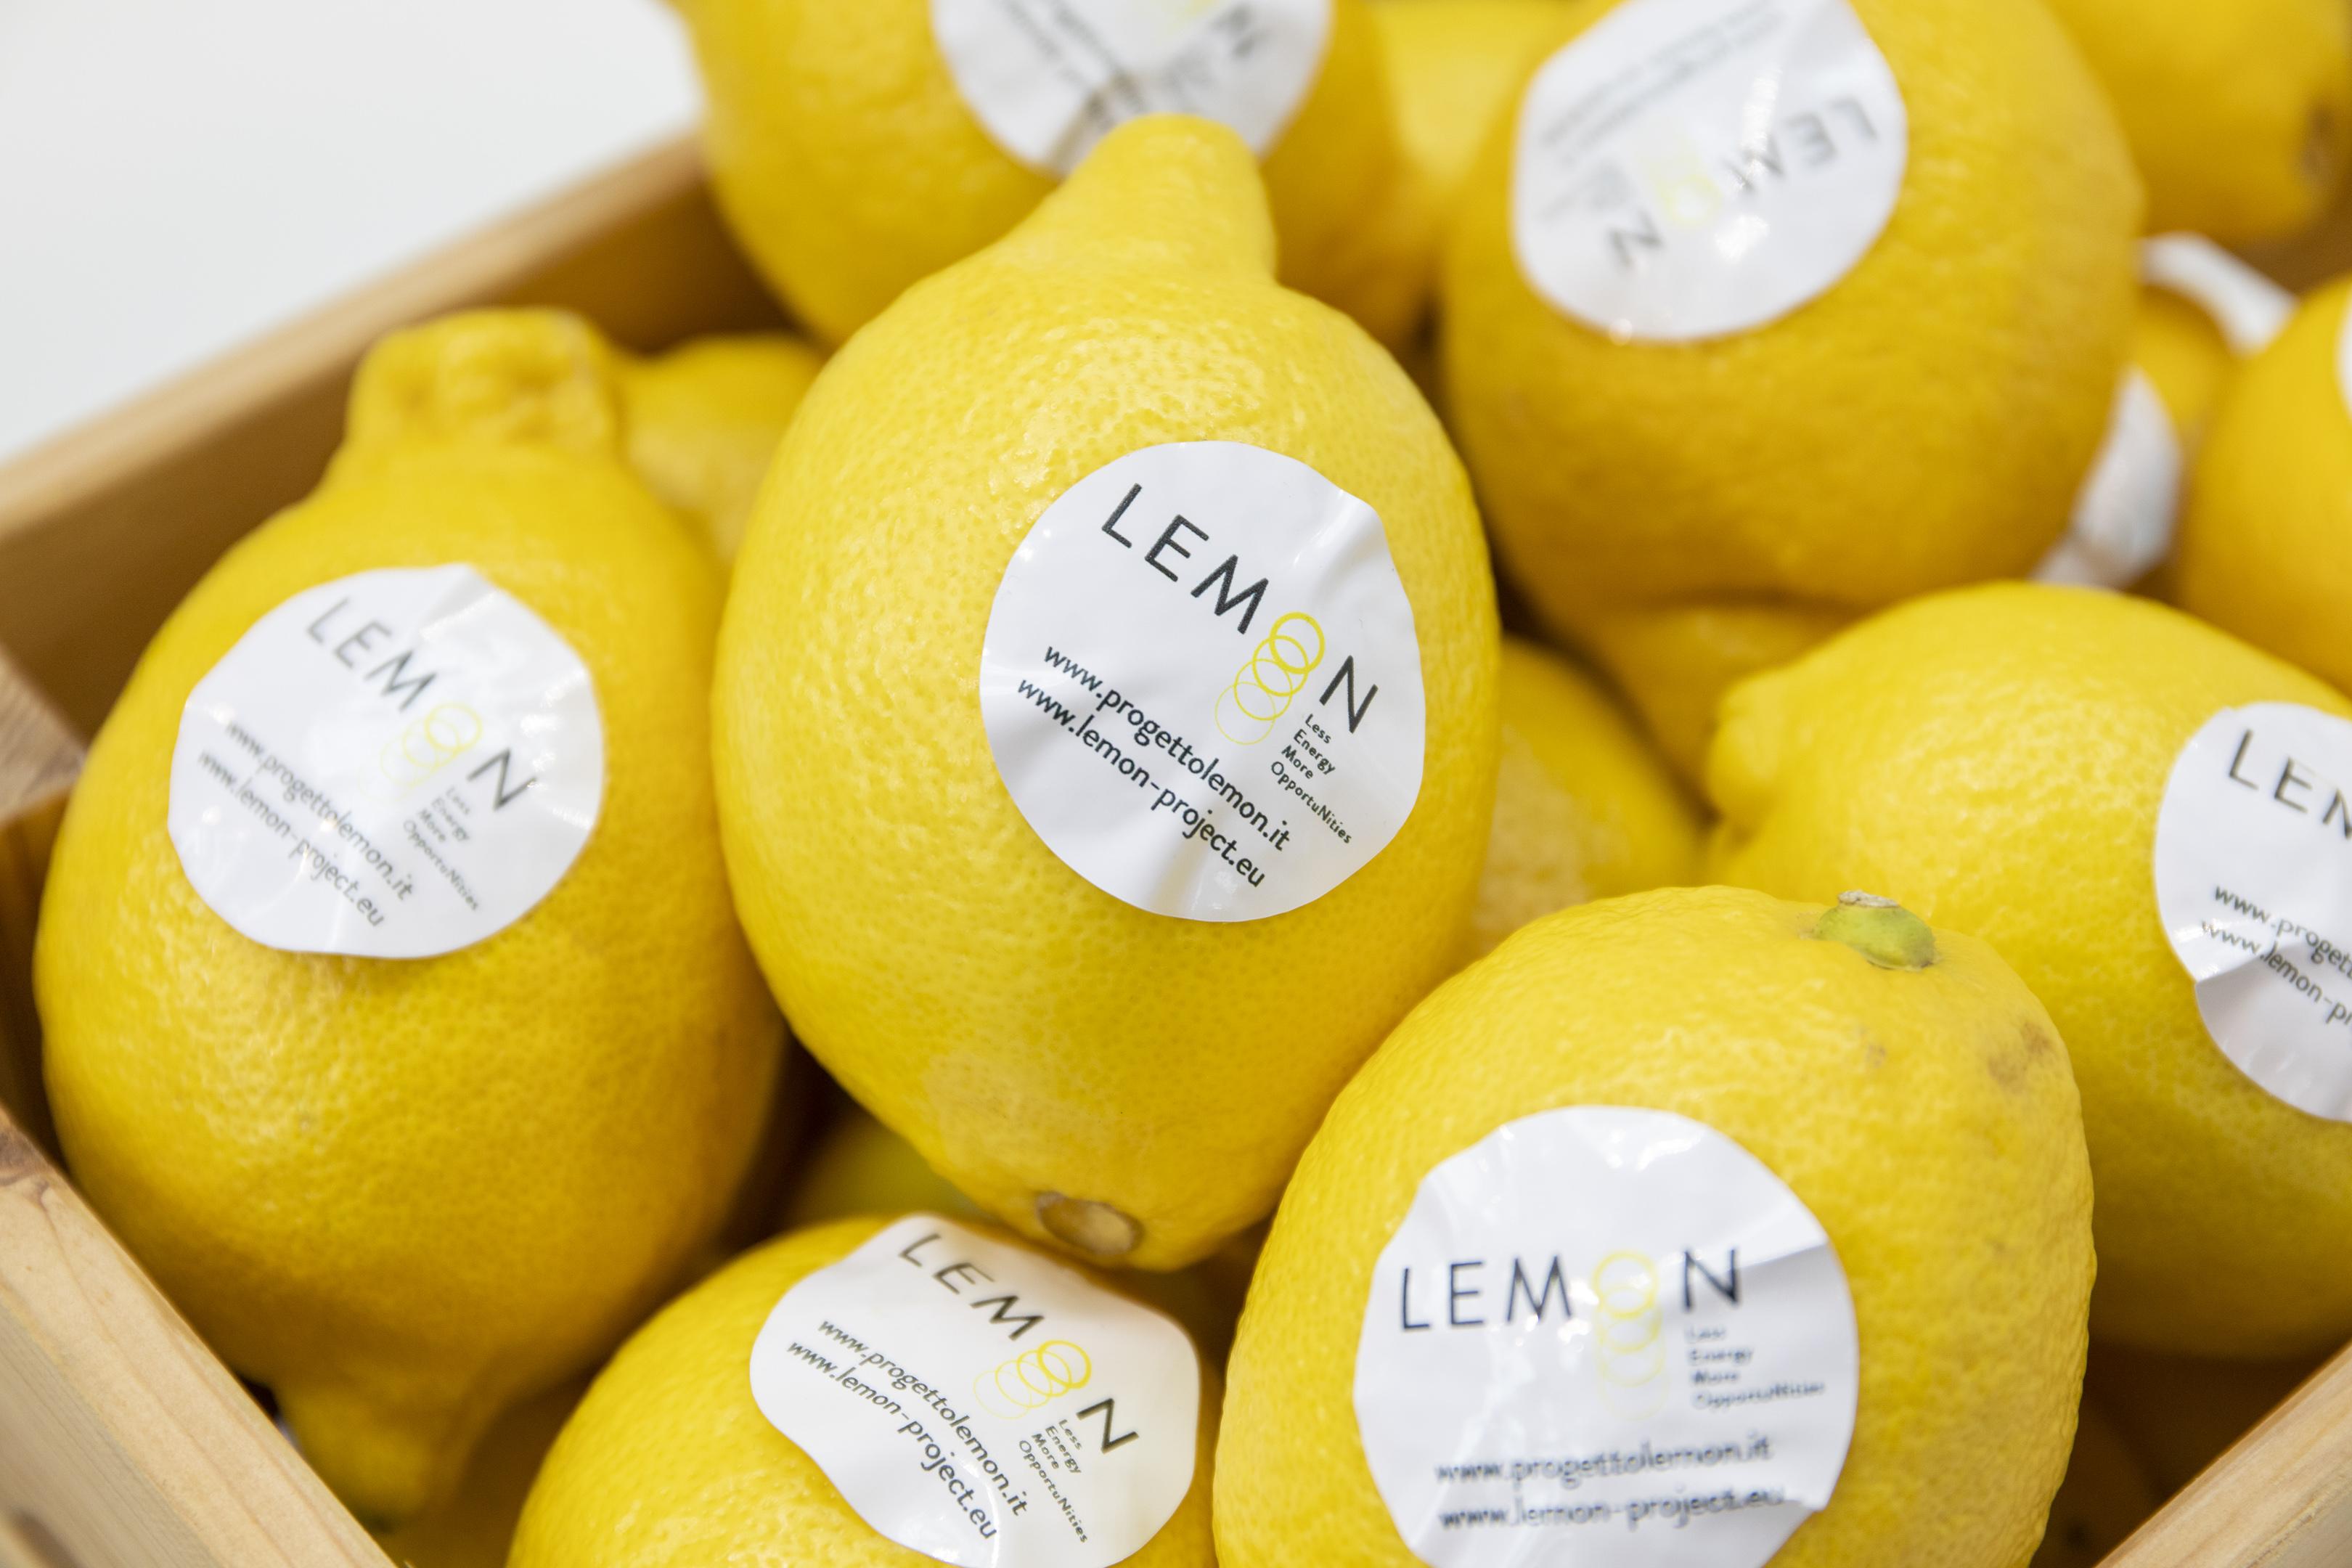 Labidee_Lemon_2019-11-05_D4_3388_©AndreaRanzi_web